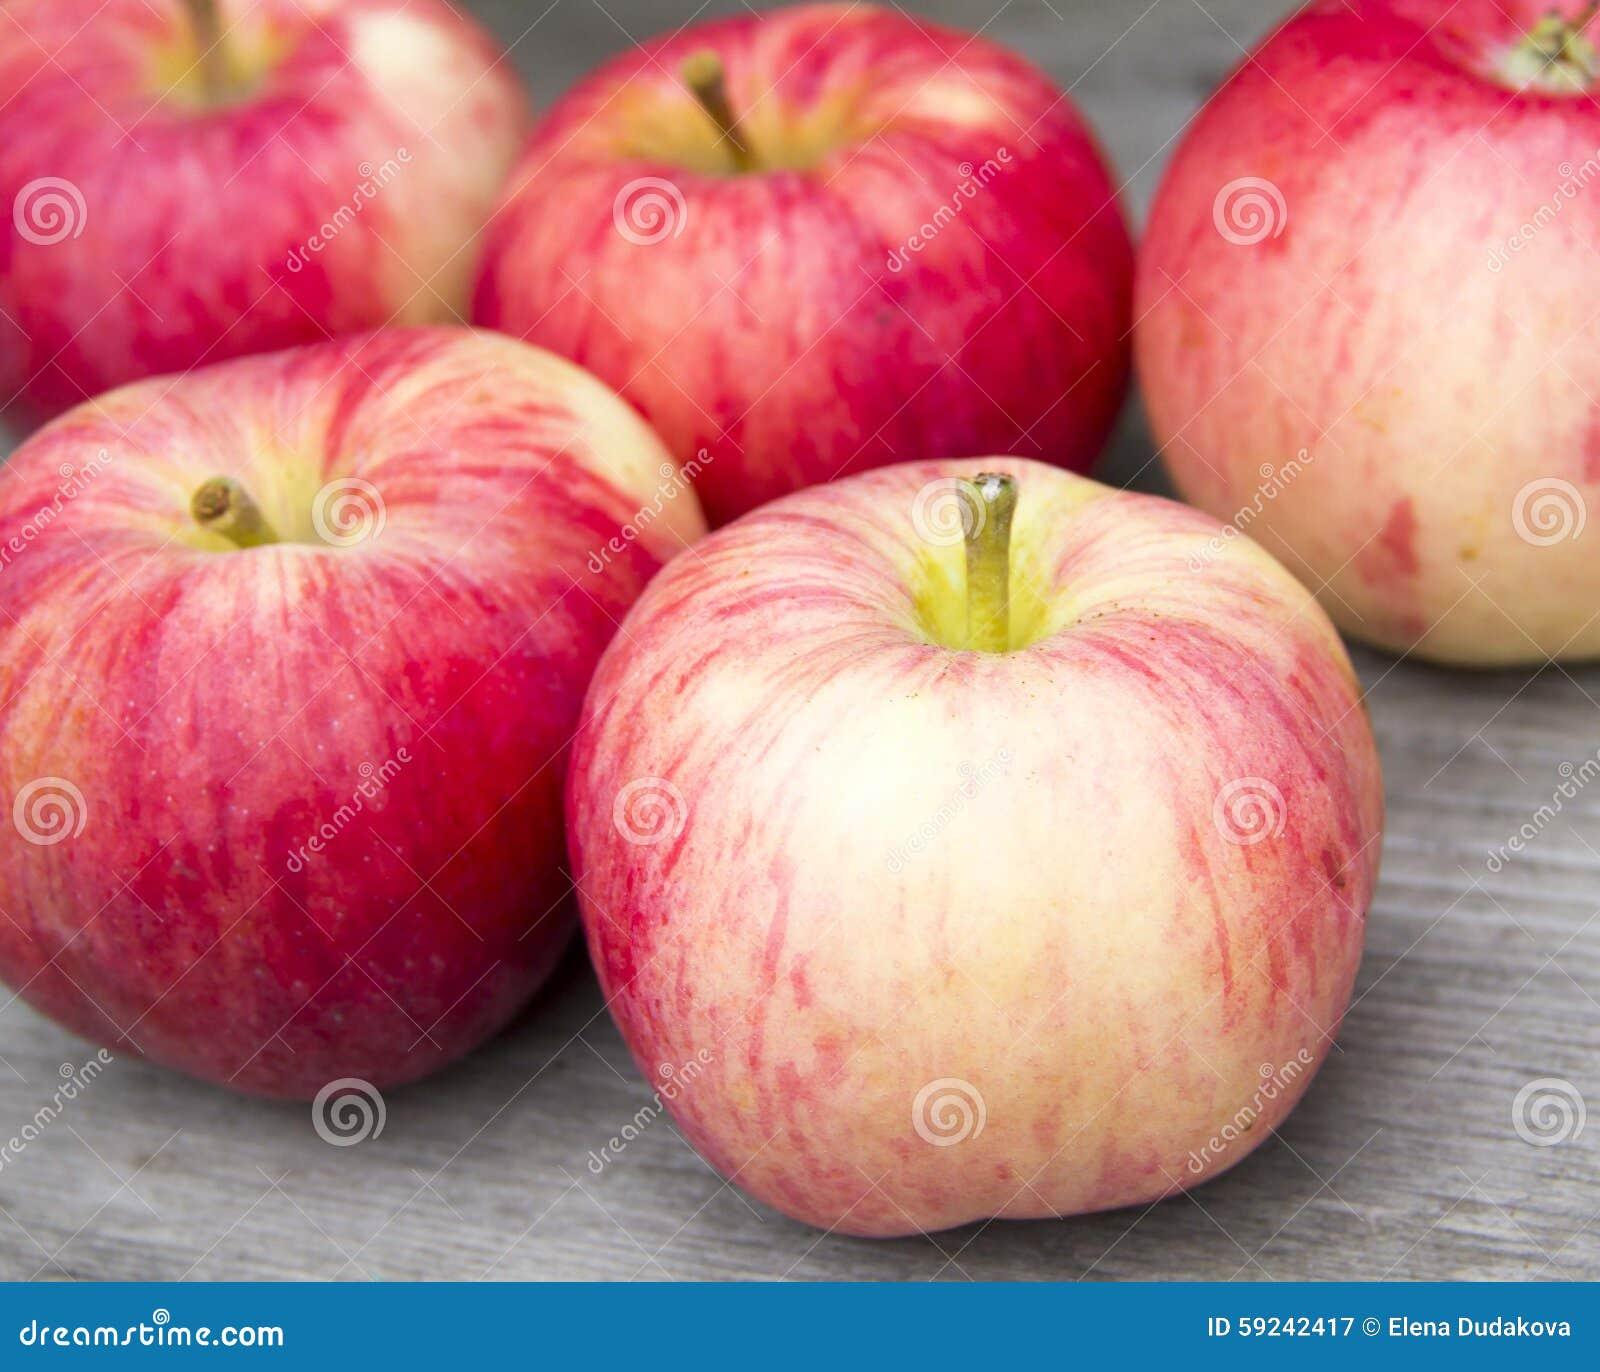 Download Manzanas rojas imagen de archivo. Imagen de dieta, jugoso - 59242417